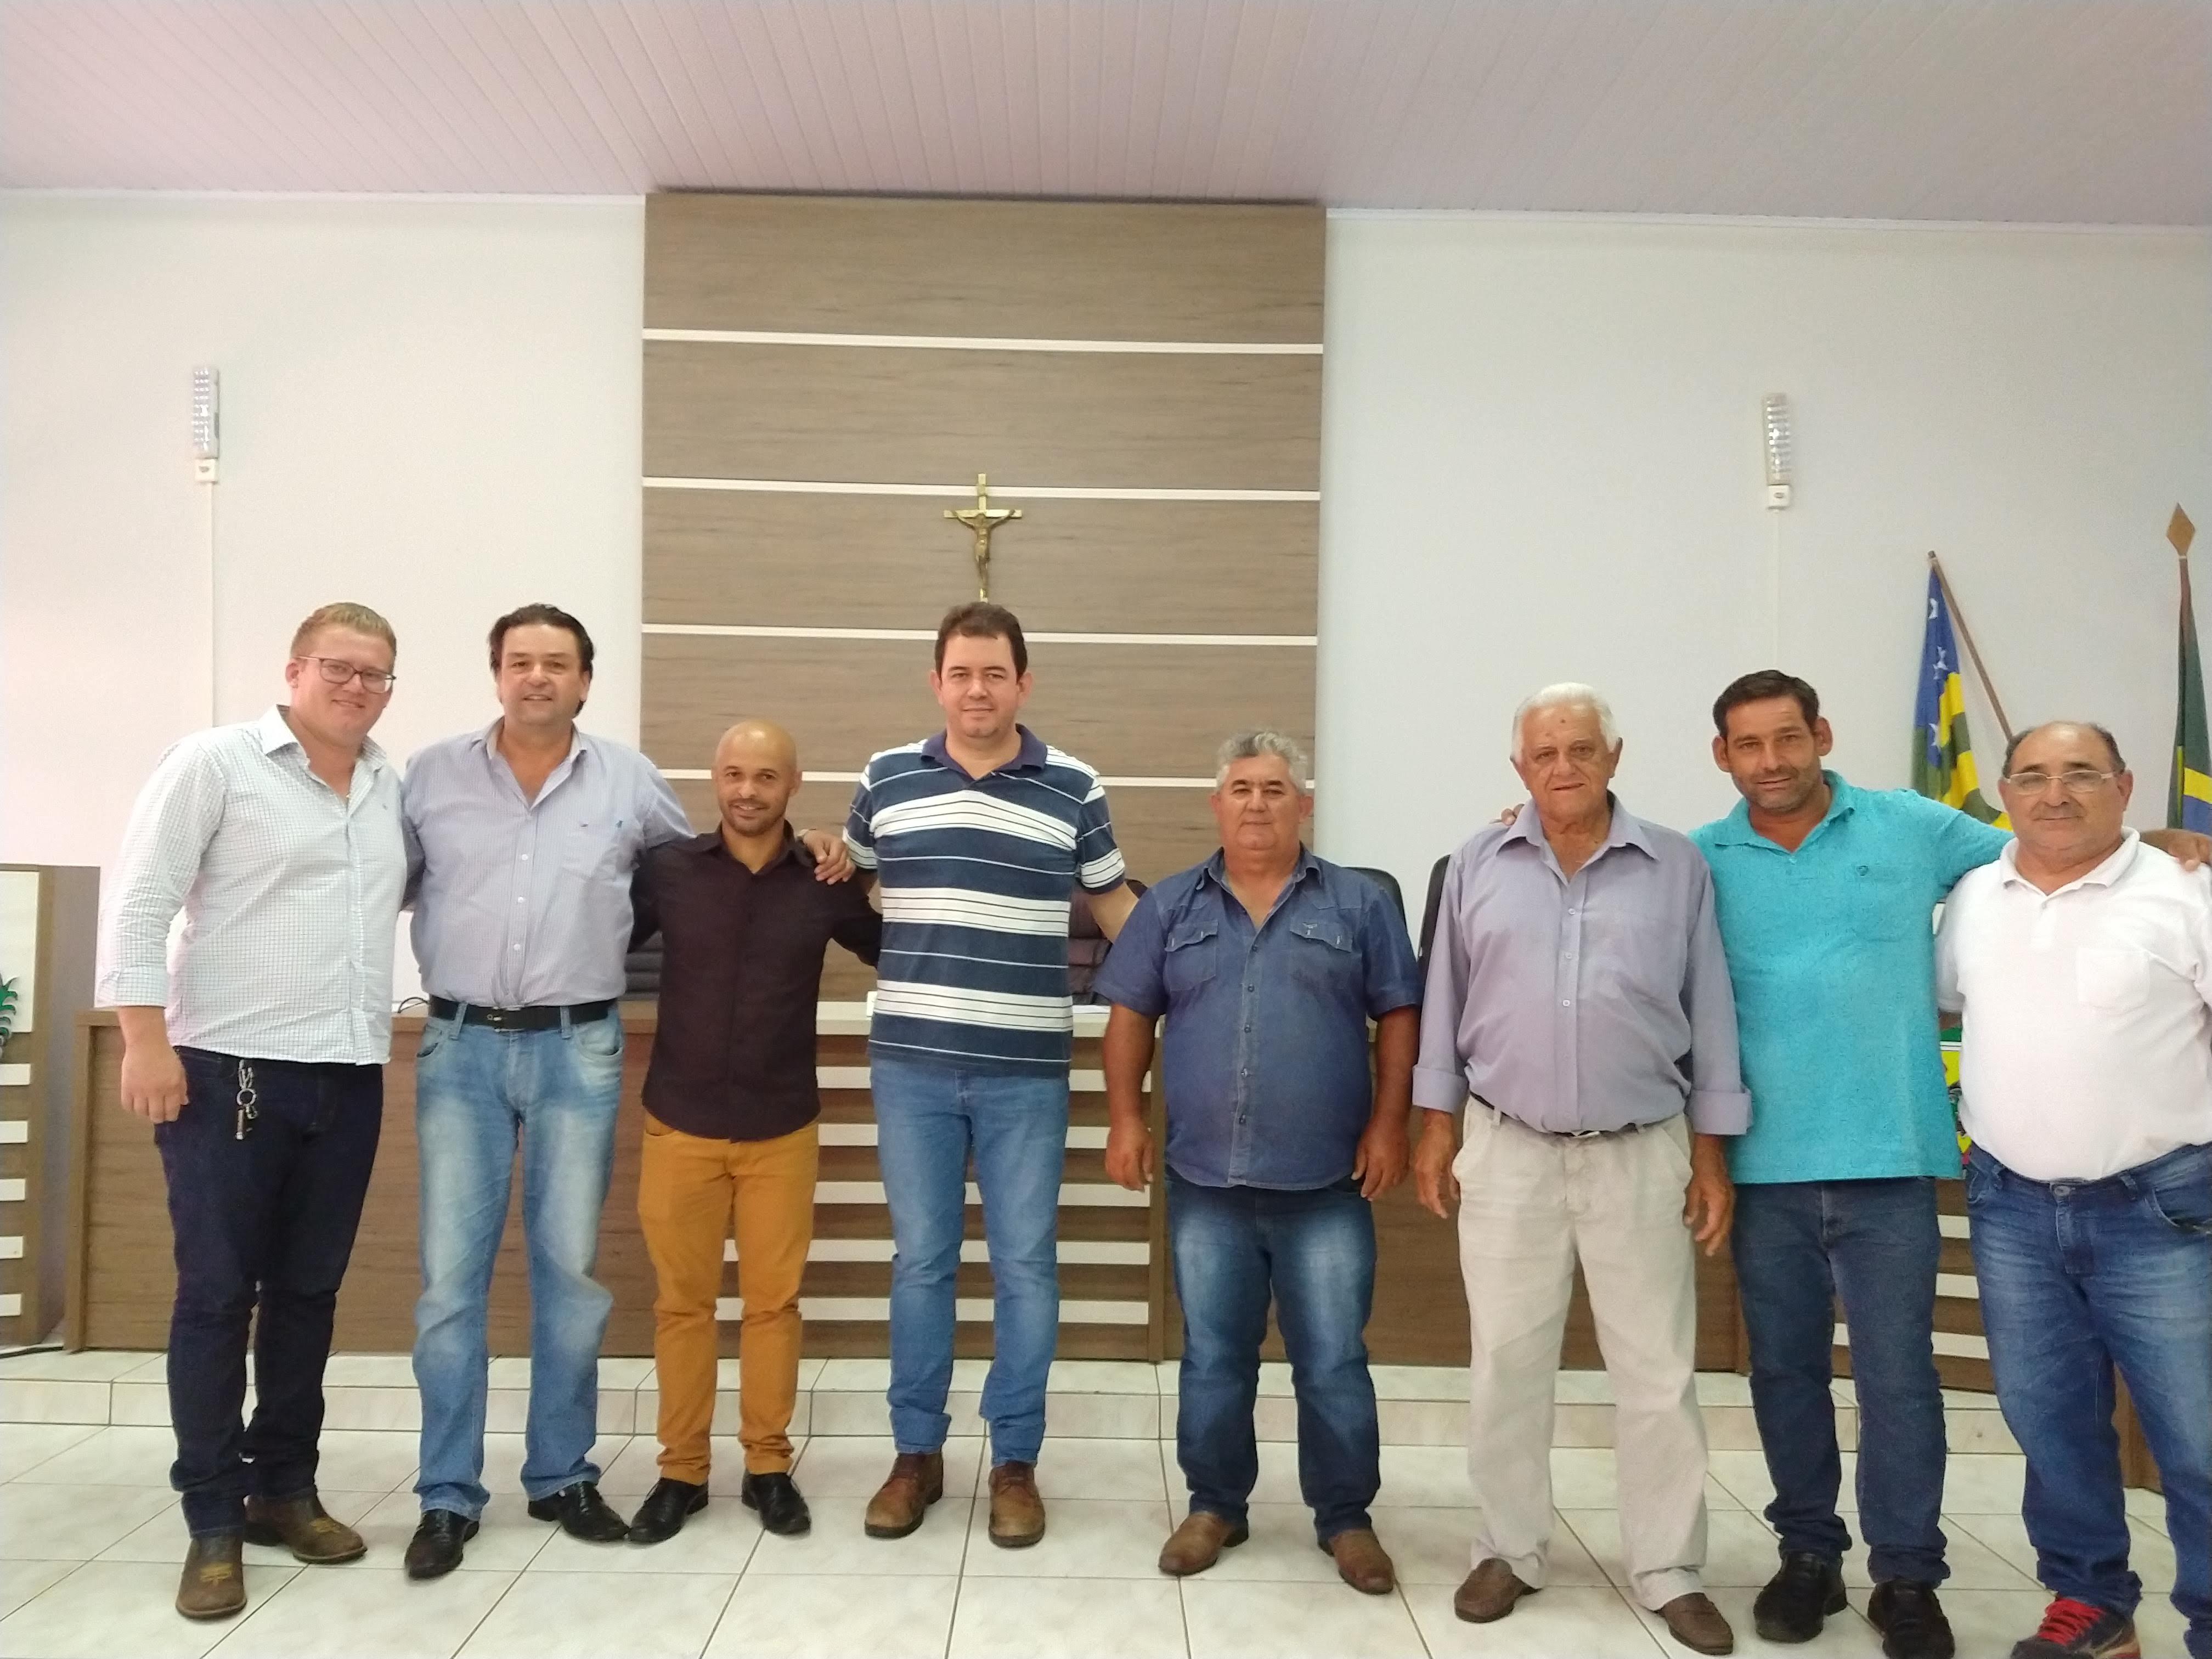 EM OUVIDOR, OPOSIÇÃO ELEGE NOVO PRESIDENTE DA CÂMARA DE VEREADORES; CASA DE LEIS SERÁ PRESIDIDA PELO VEREADOR JORGINHO (SD)